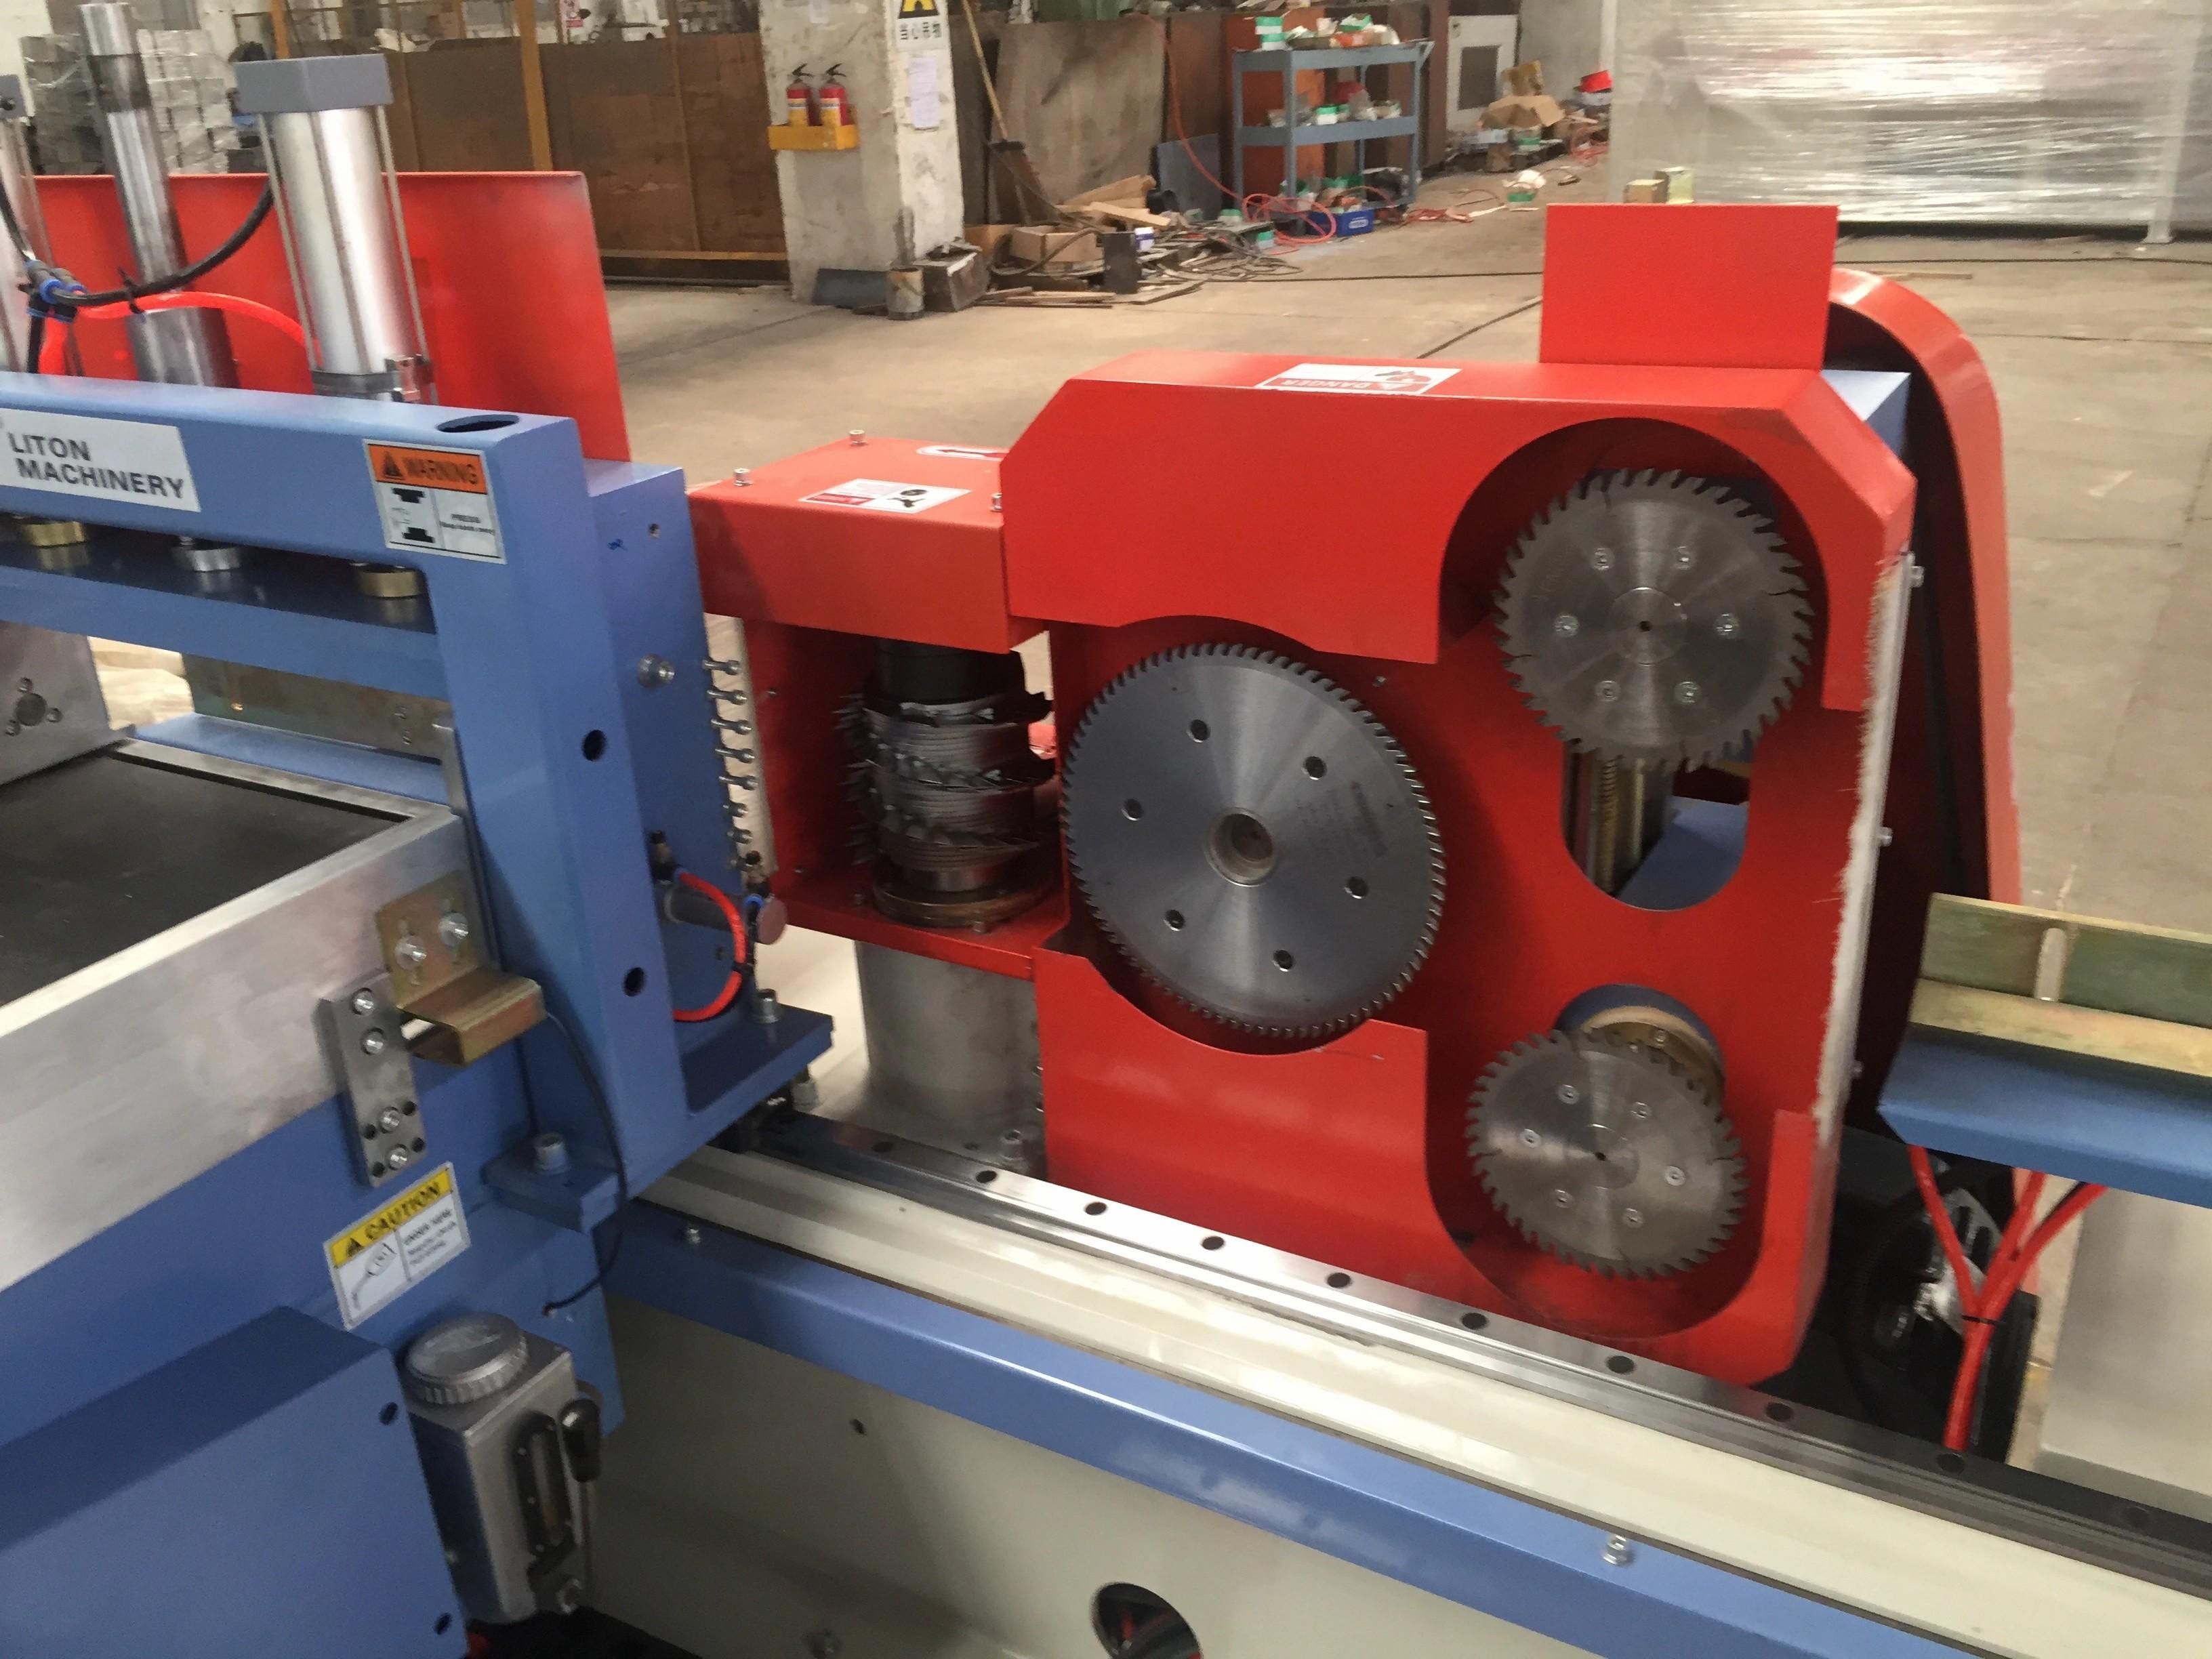 Ламинирование под дерево и склеивания автоматическое устройство для сустава пальца формирователь для деревообработки